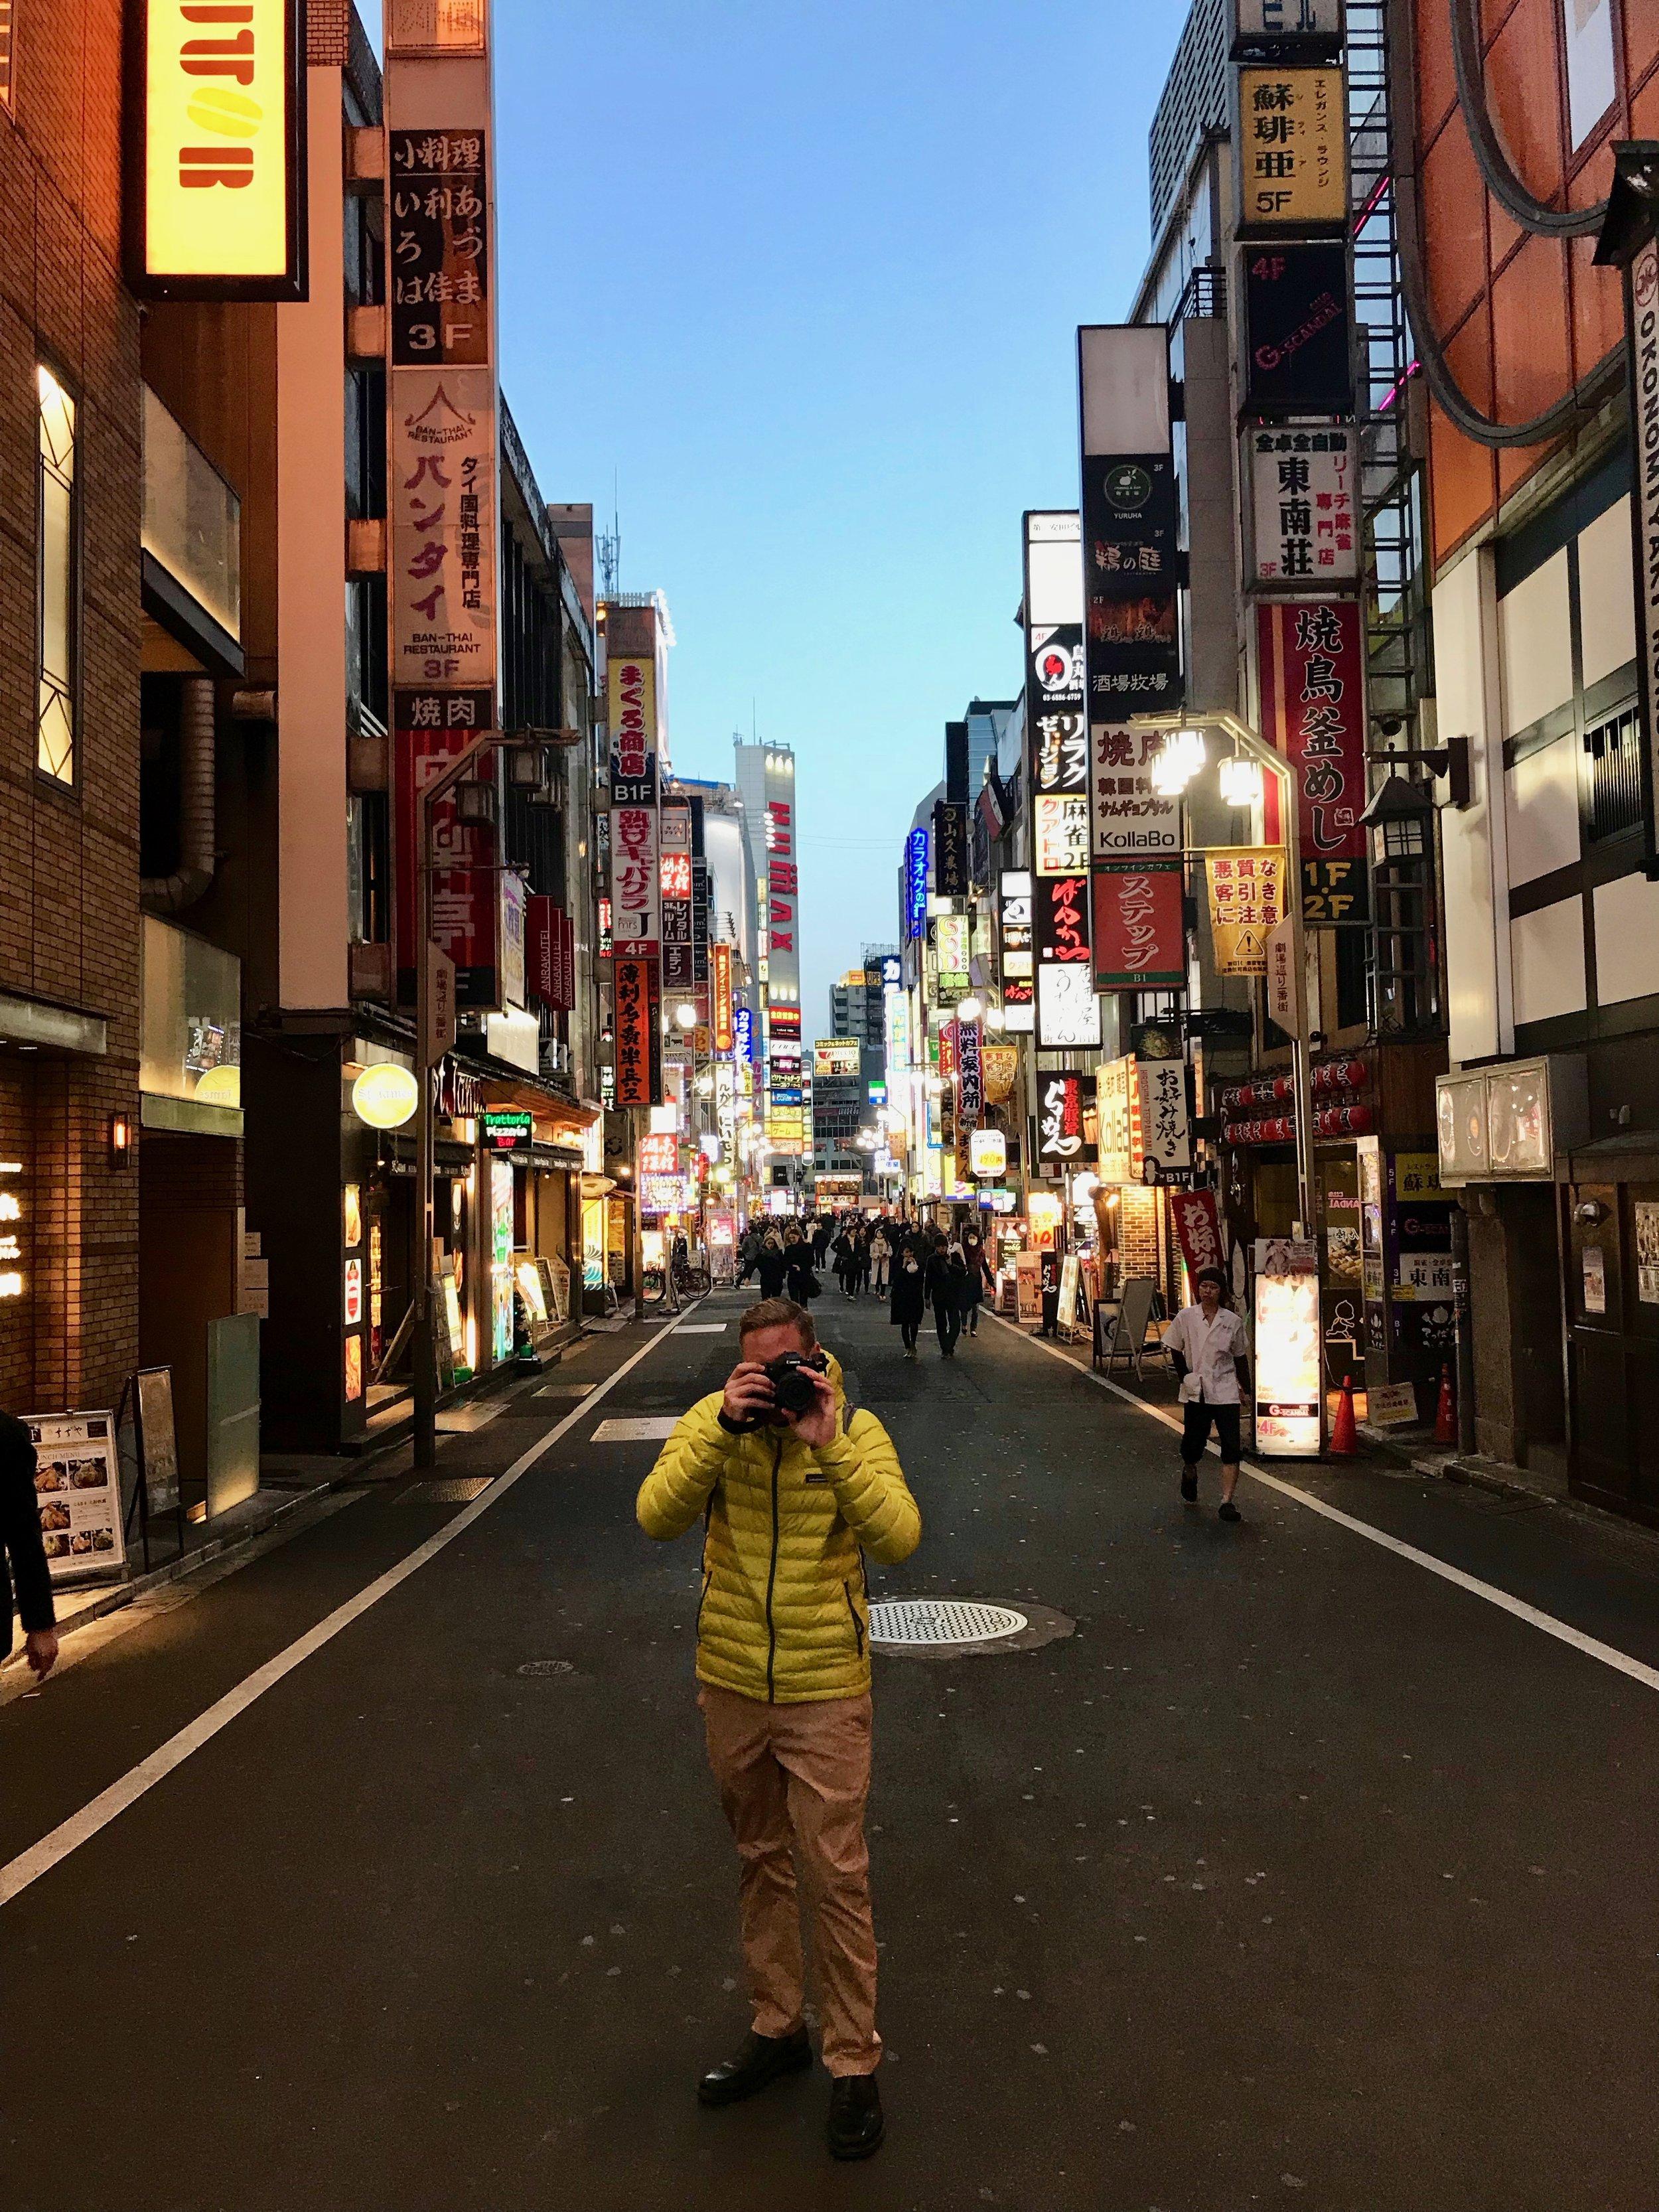 Me taking pictures in Shinjuku, Tokyo